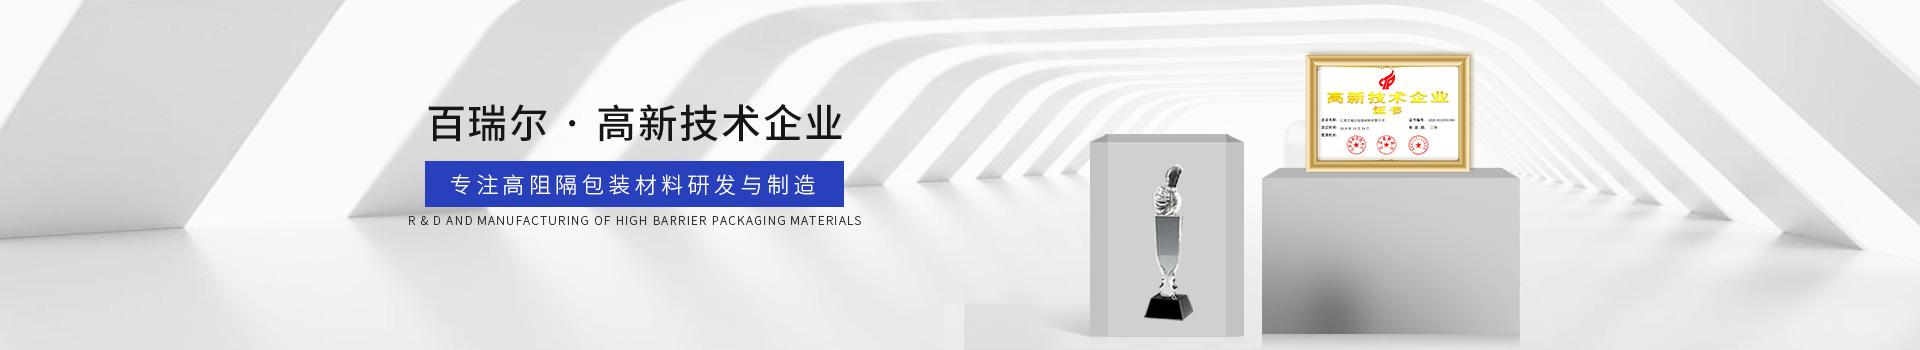 百瑞尔 专注高阻隔包装材料研发与制造